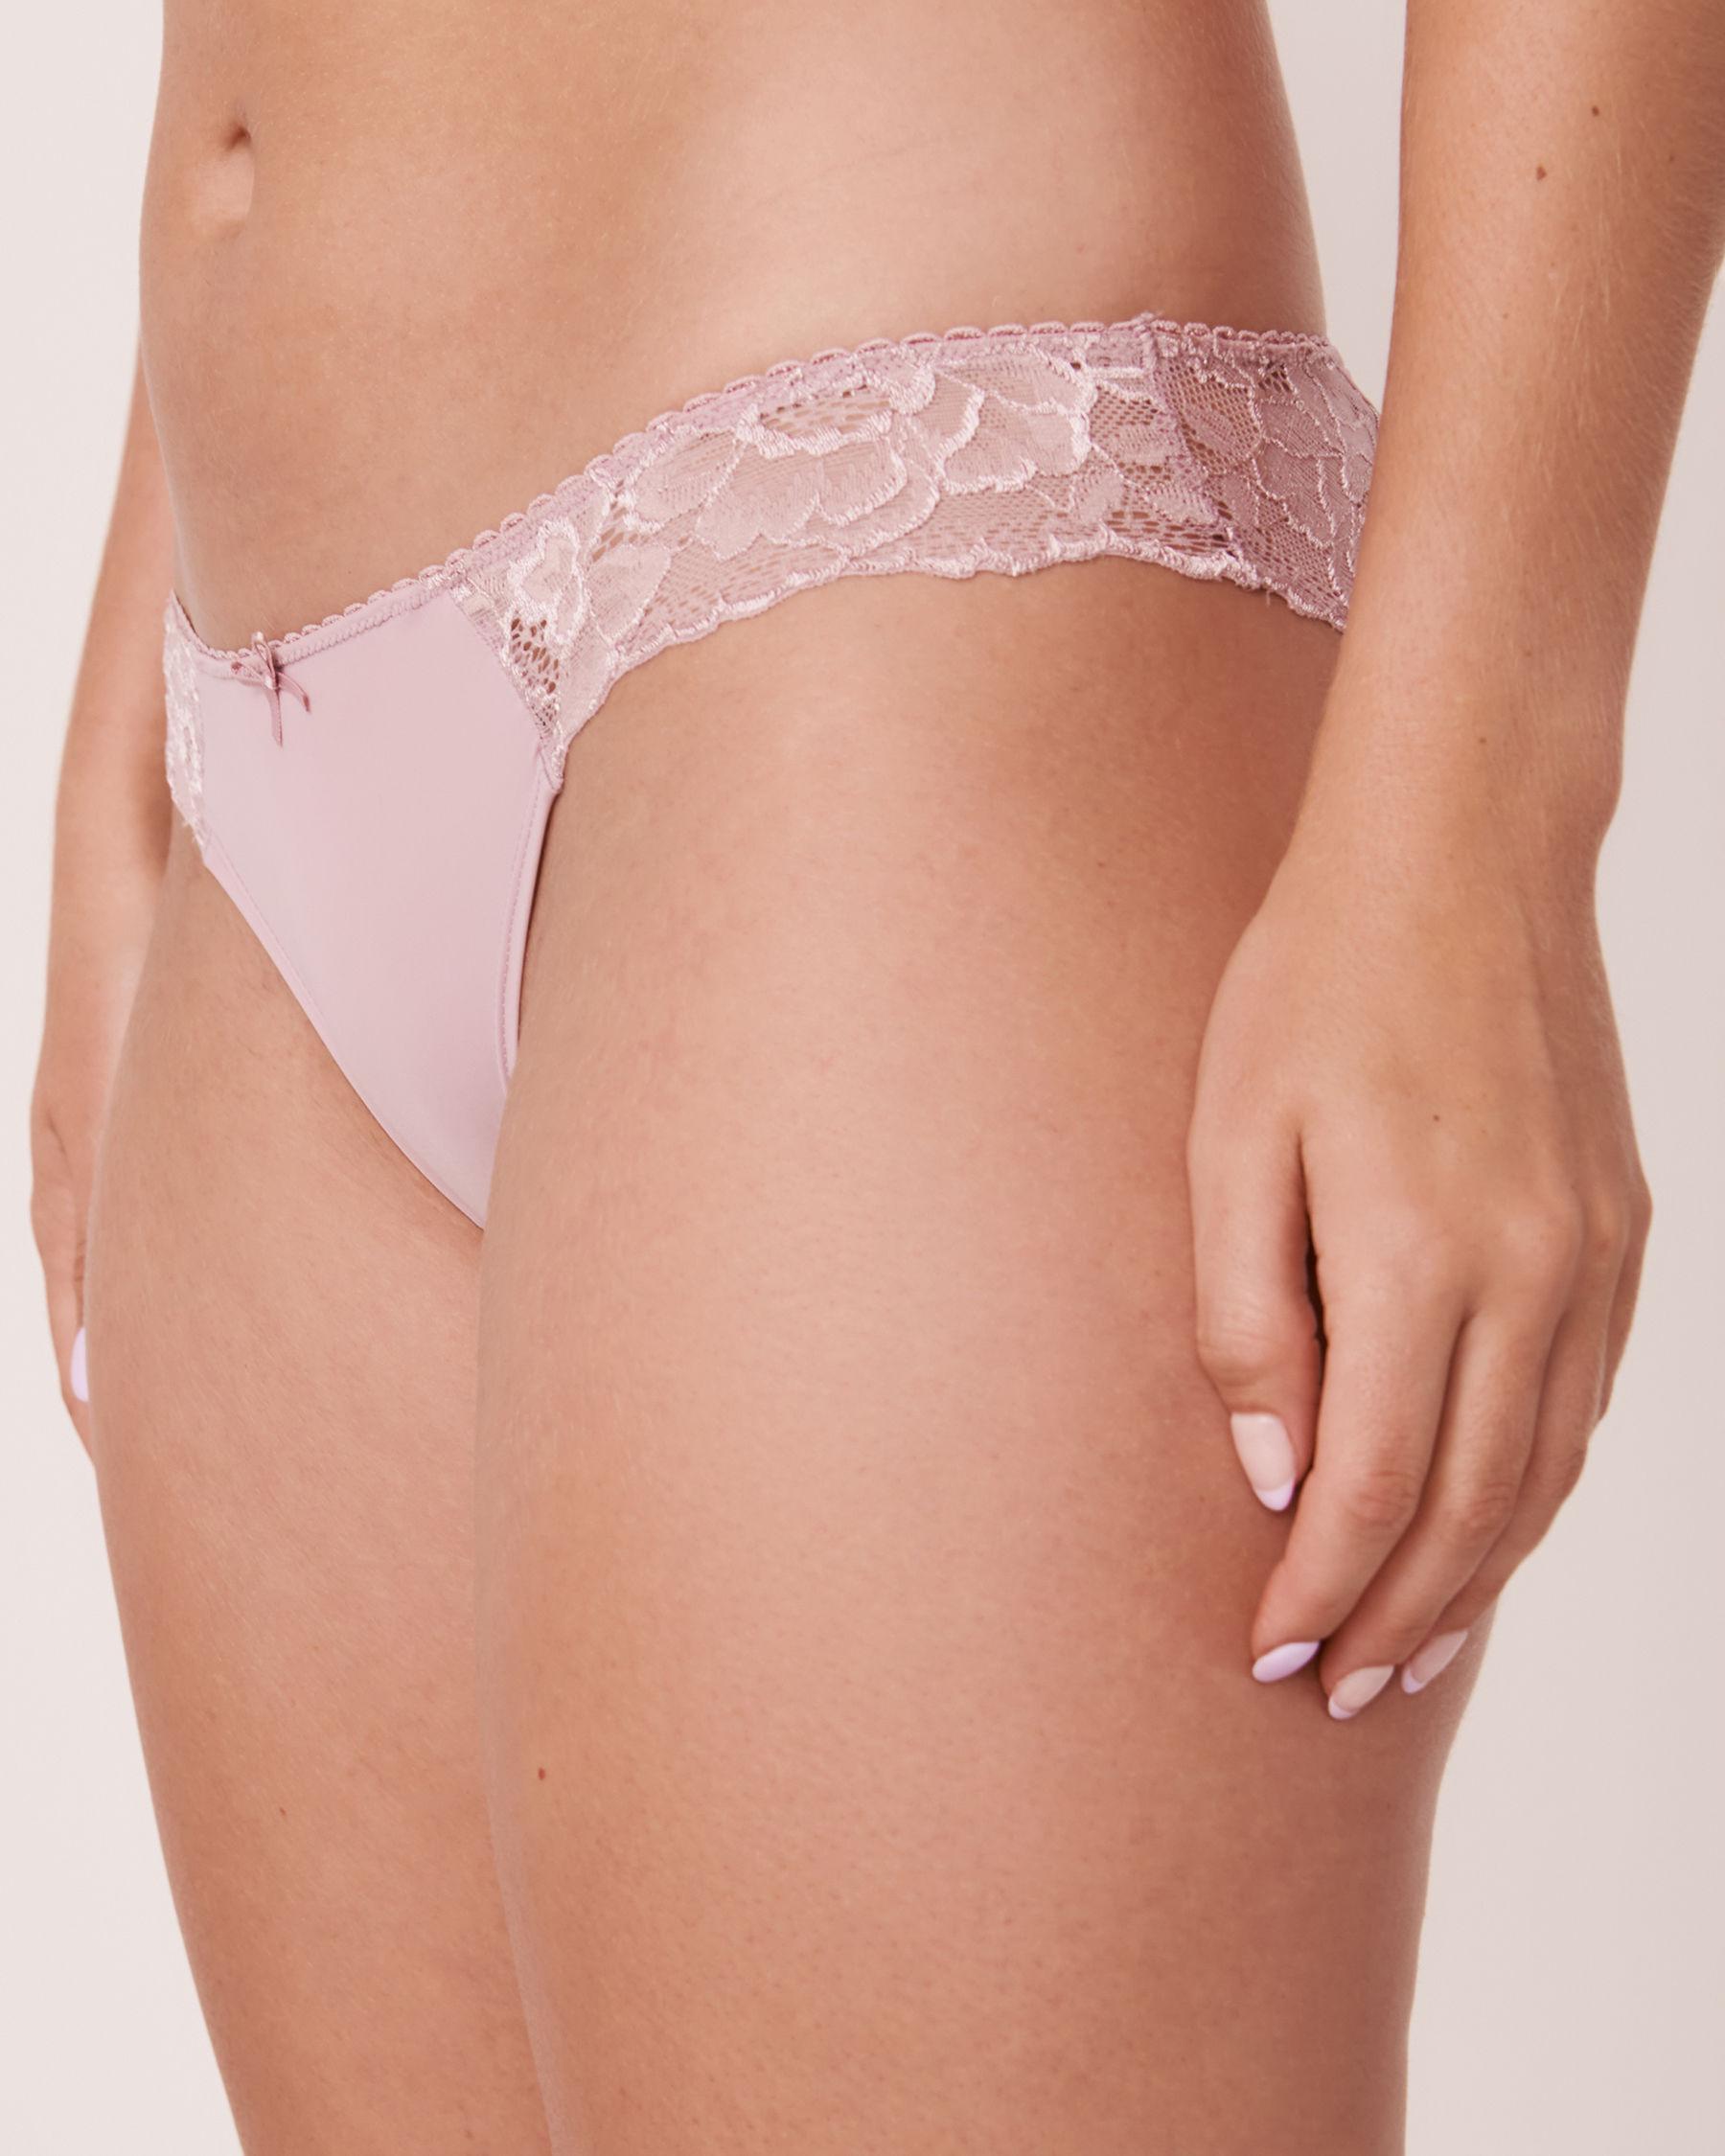 LA VIE EN ROSE Bikini Panty Pink shadows 20200067 - View1